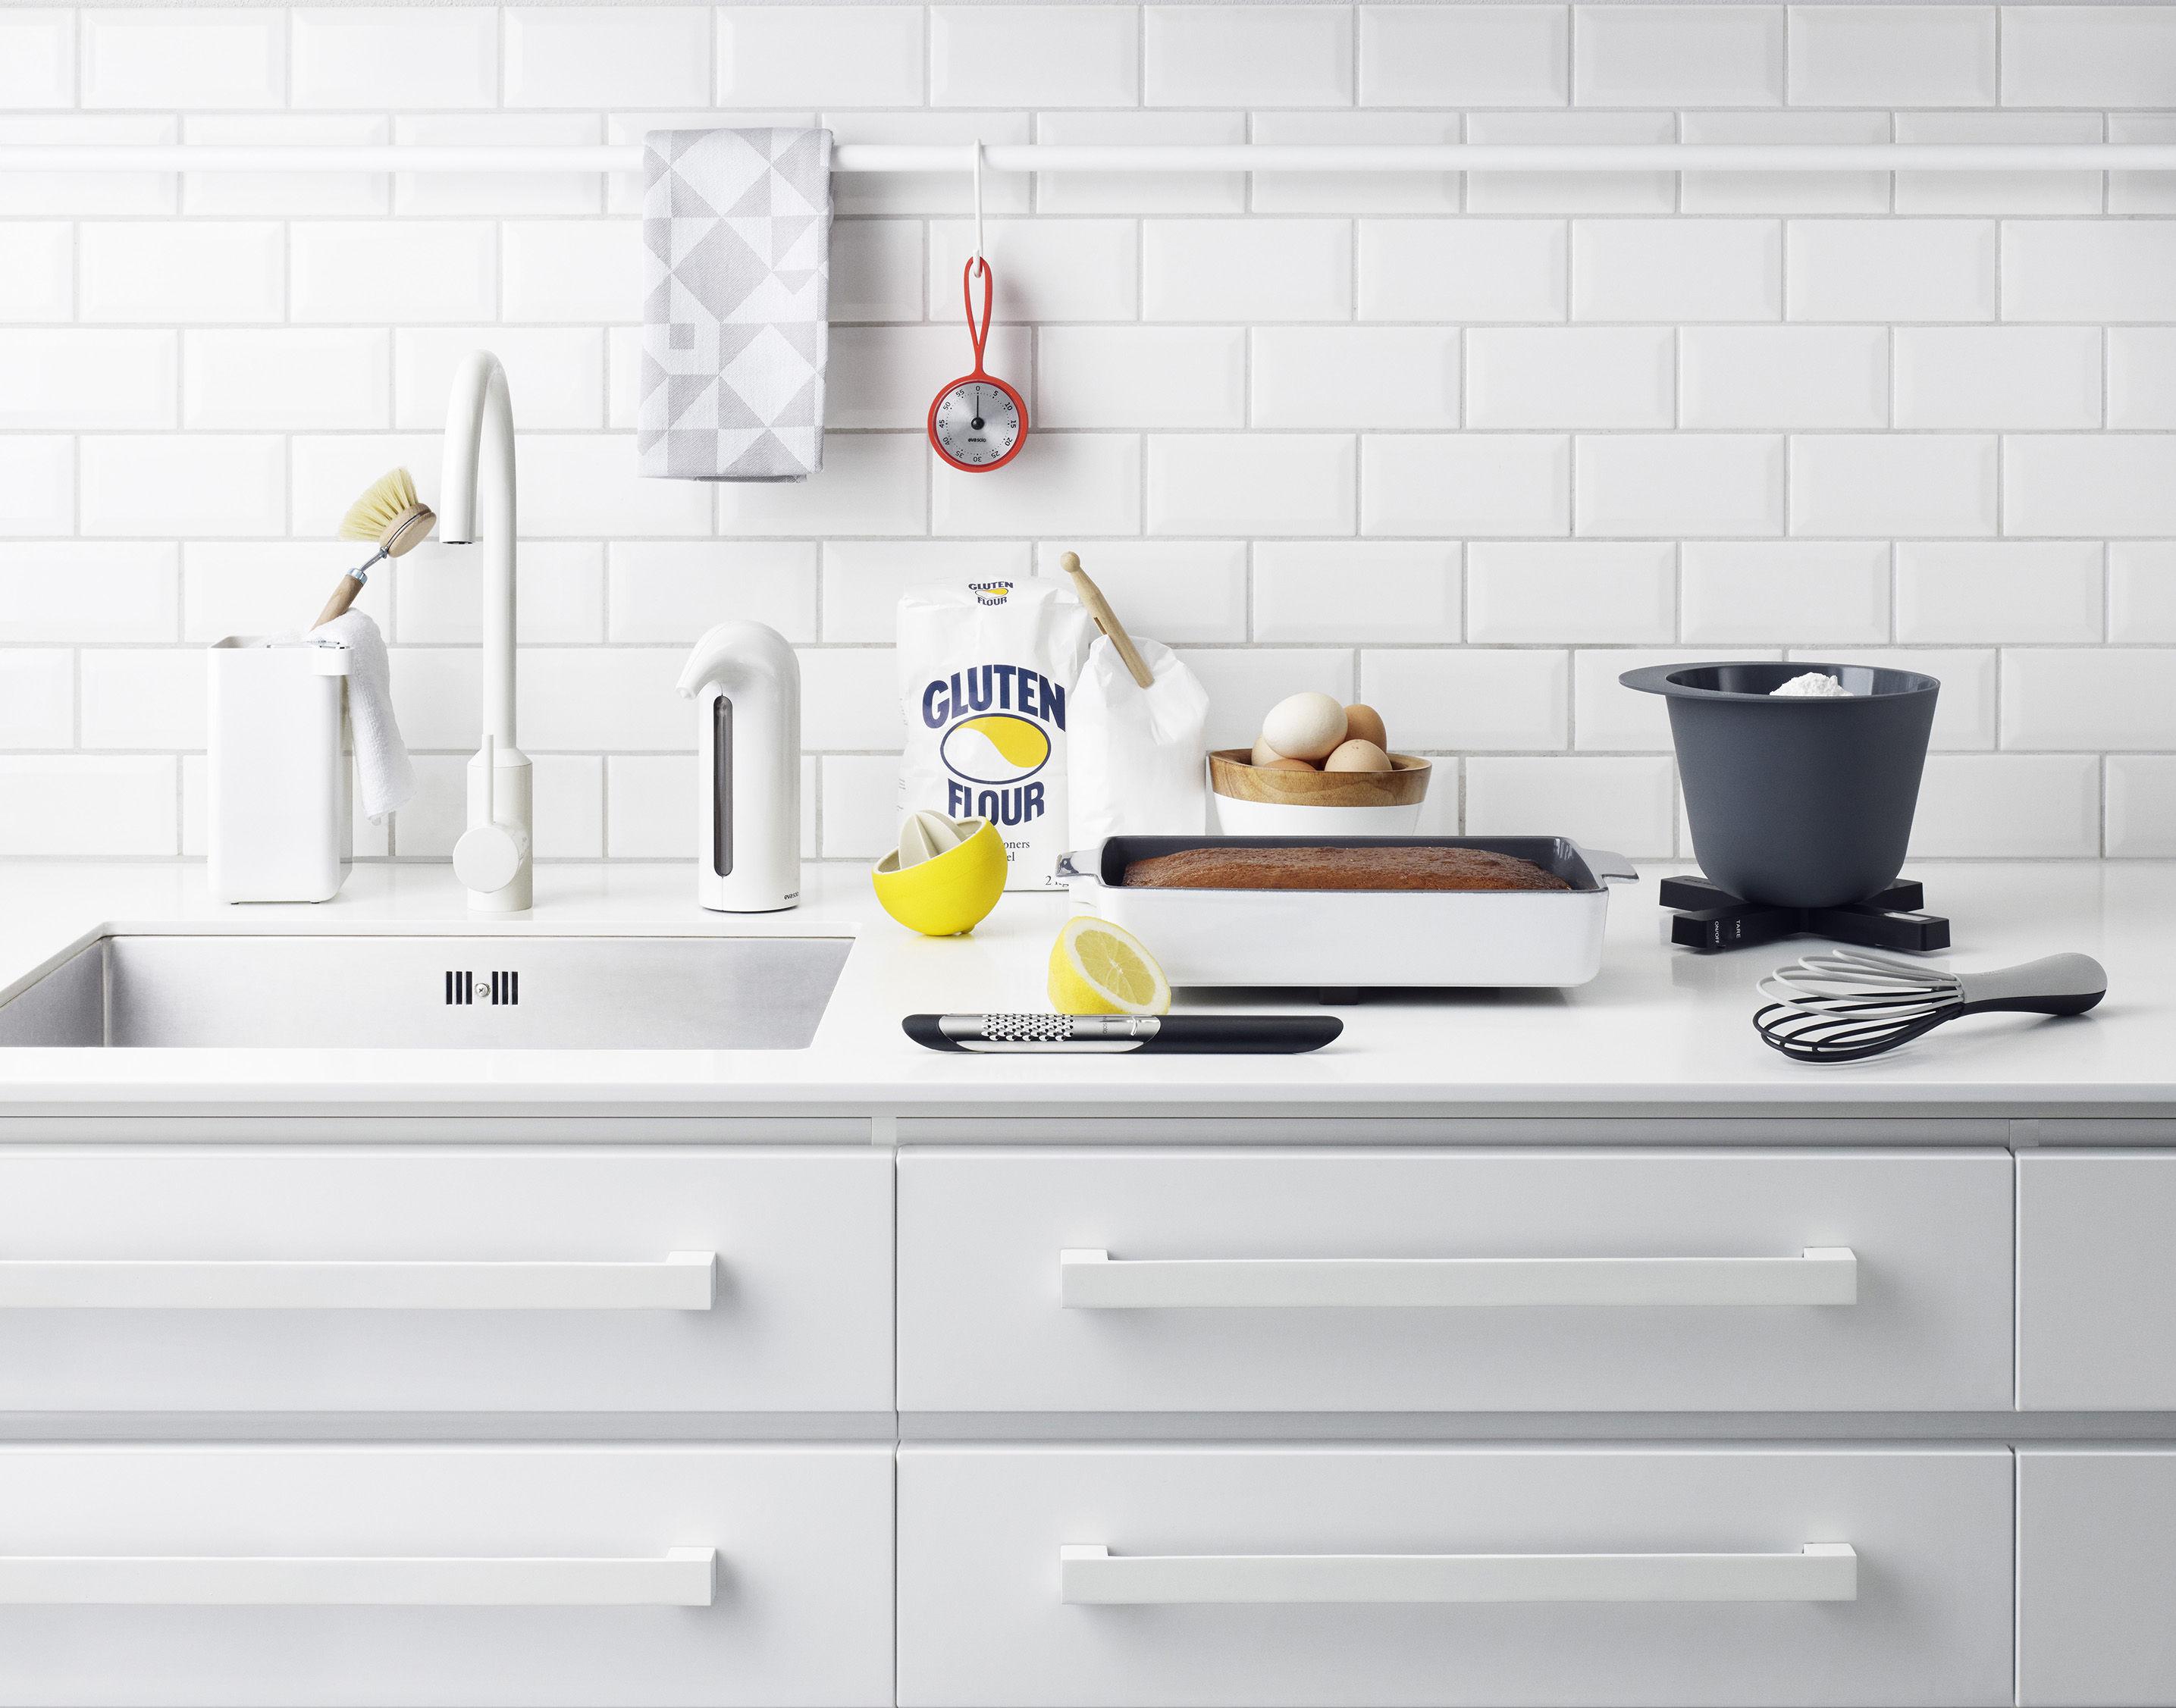 Bilancia elettronica da cucina nero by eva solo made in design - Bilancia elettronica da cucina ...